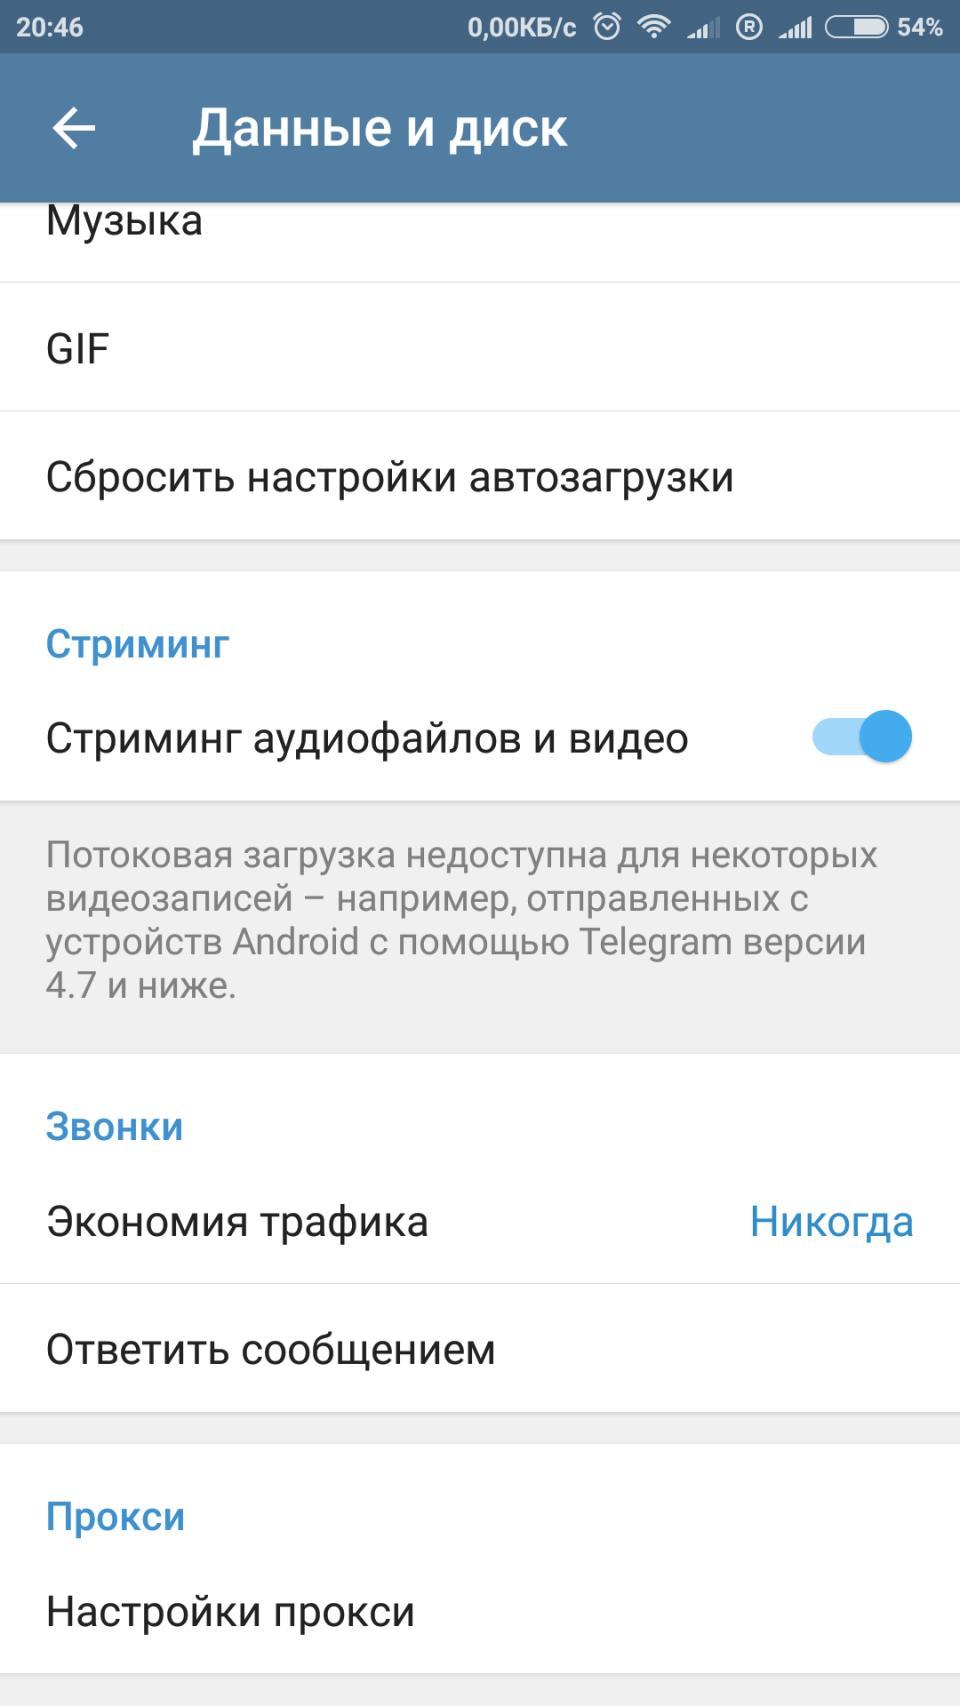 настройка прокси в мобильном приложении telegram